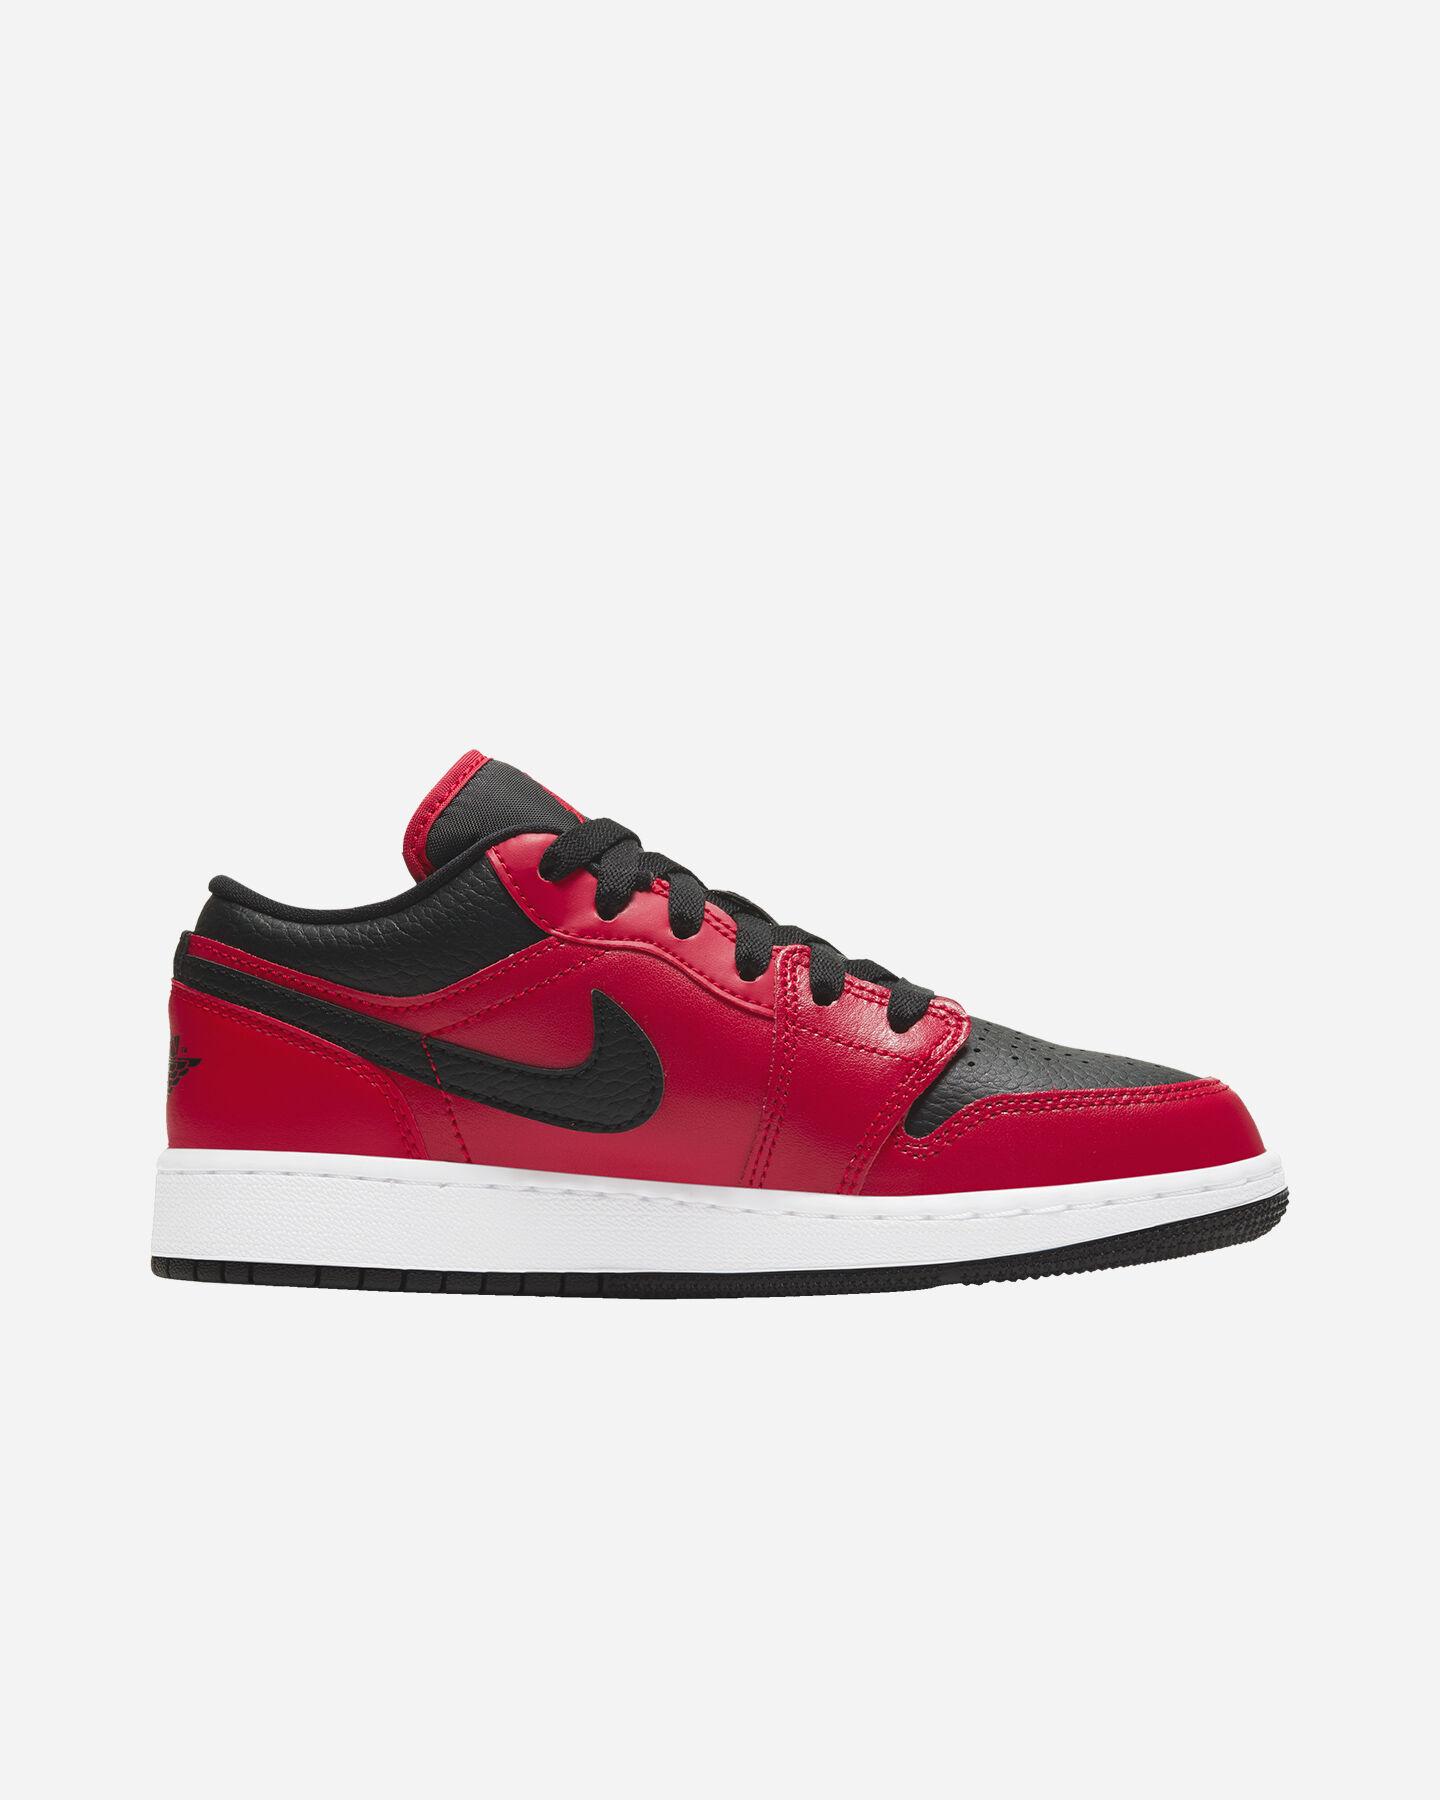 Scarpe sneakers NIKE AIR JORDAN 1 LOW GS JR S5270339 scatto 0